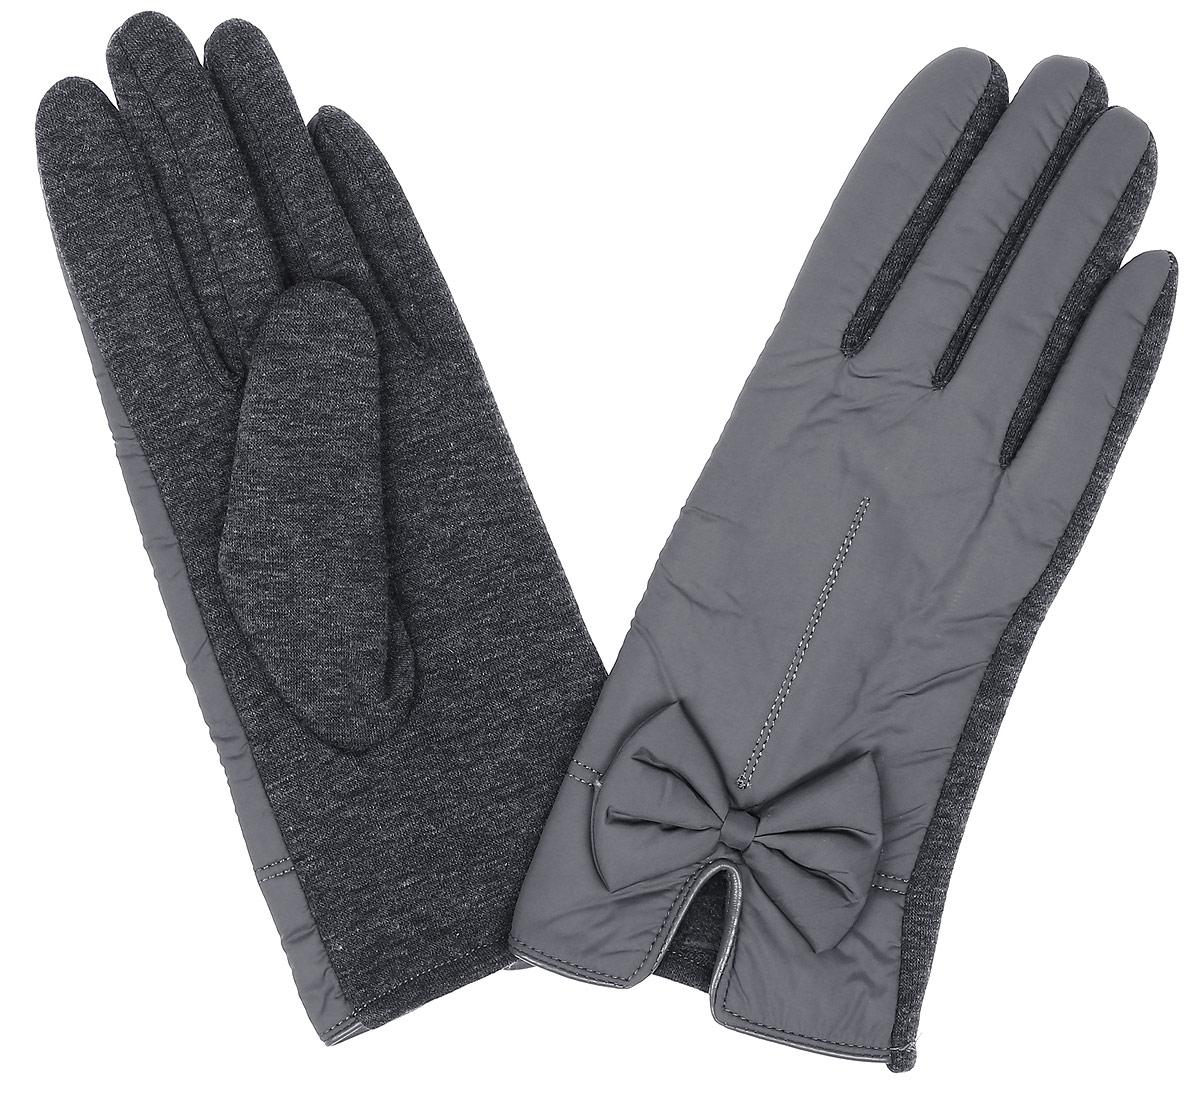 ПерчаткиW16-11305_202Стильные женские перчатки Finn Flare изготовленные из высококачественных материалов на подкладке из полиэстера, станут идеальным вариантом для прохладной погоды. Они хорошо сохраняют тепло, мягкие, идеально сидят на руке и отлично тянутся. Перчатки оформлены отстрочками и небольшими декоративными бантиками.